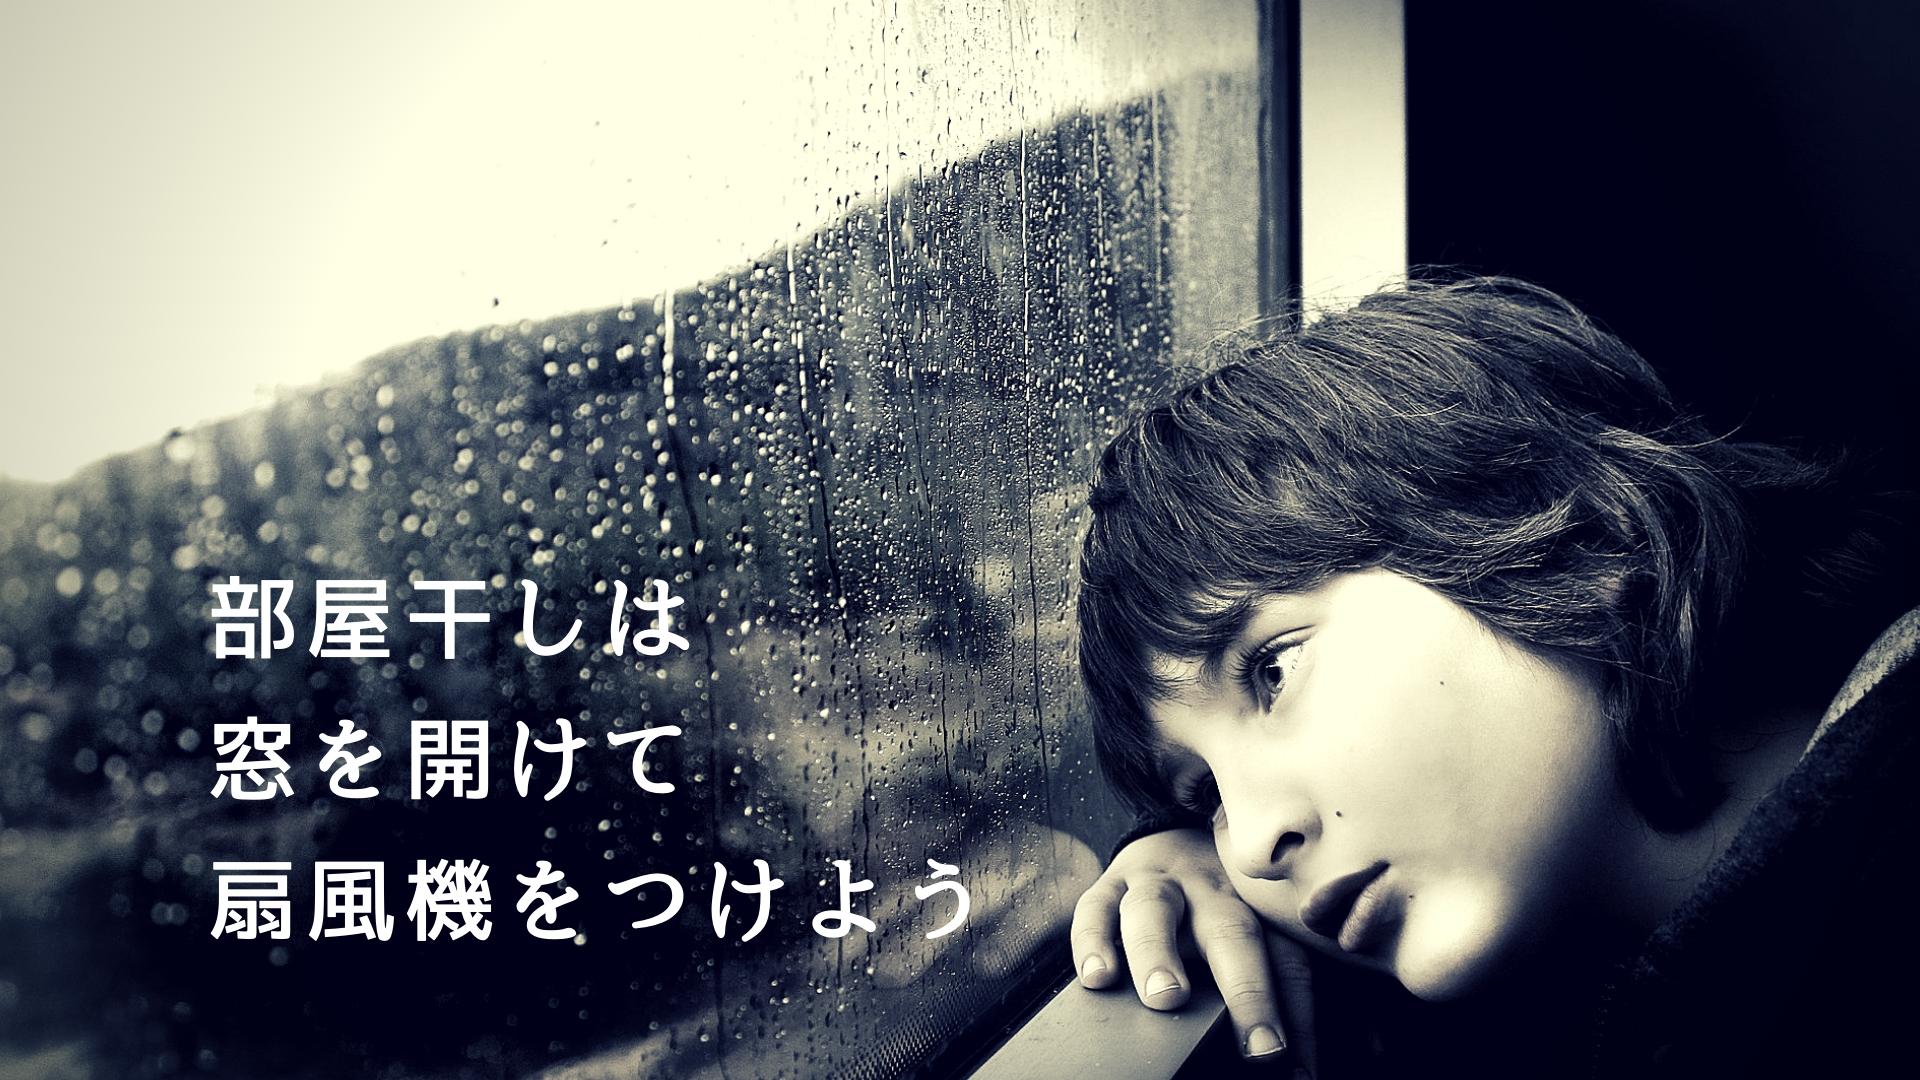 雨の部屋干しで悩む少年